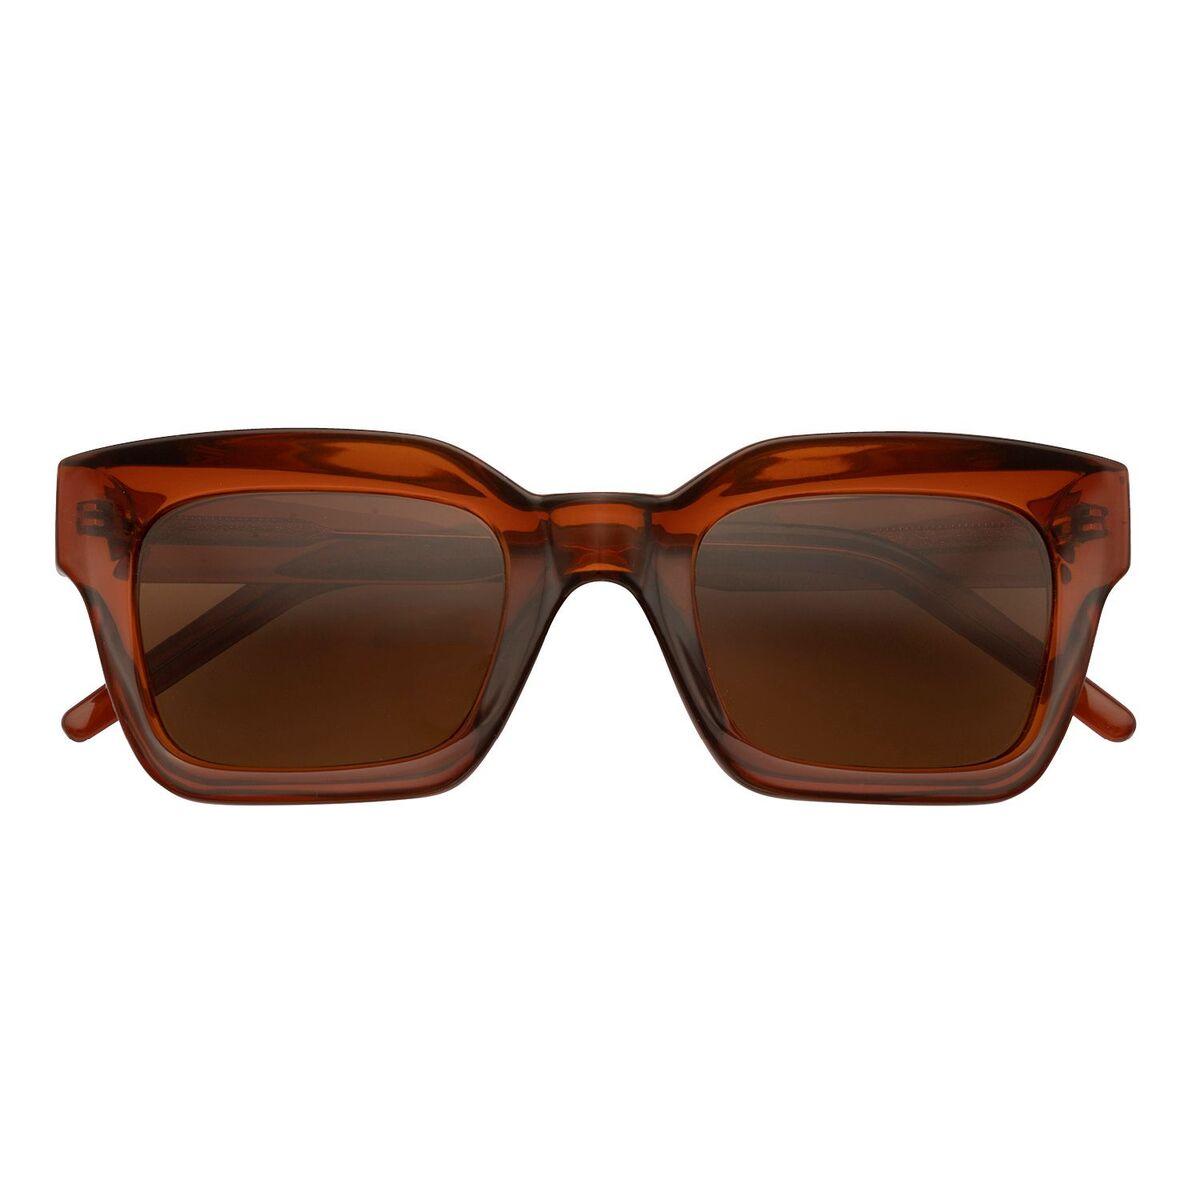 Bild 2 von LOOKS BY WOLFGANG JOOP Sonnenbrille mit Brillenbeutel